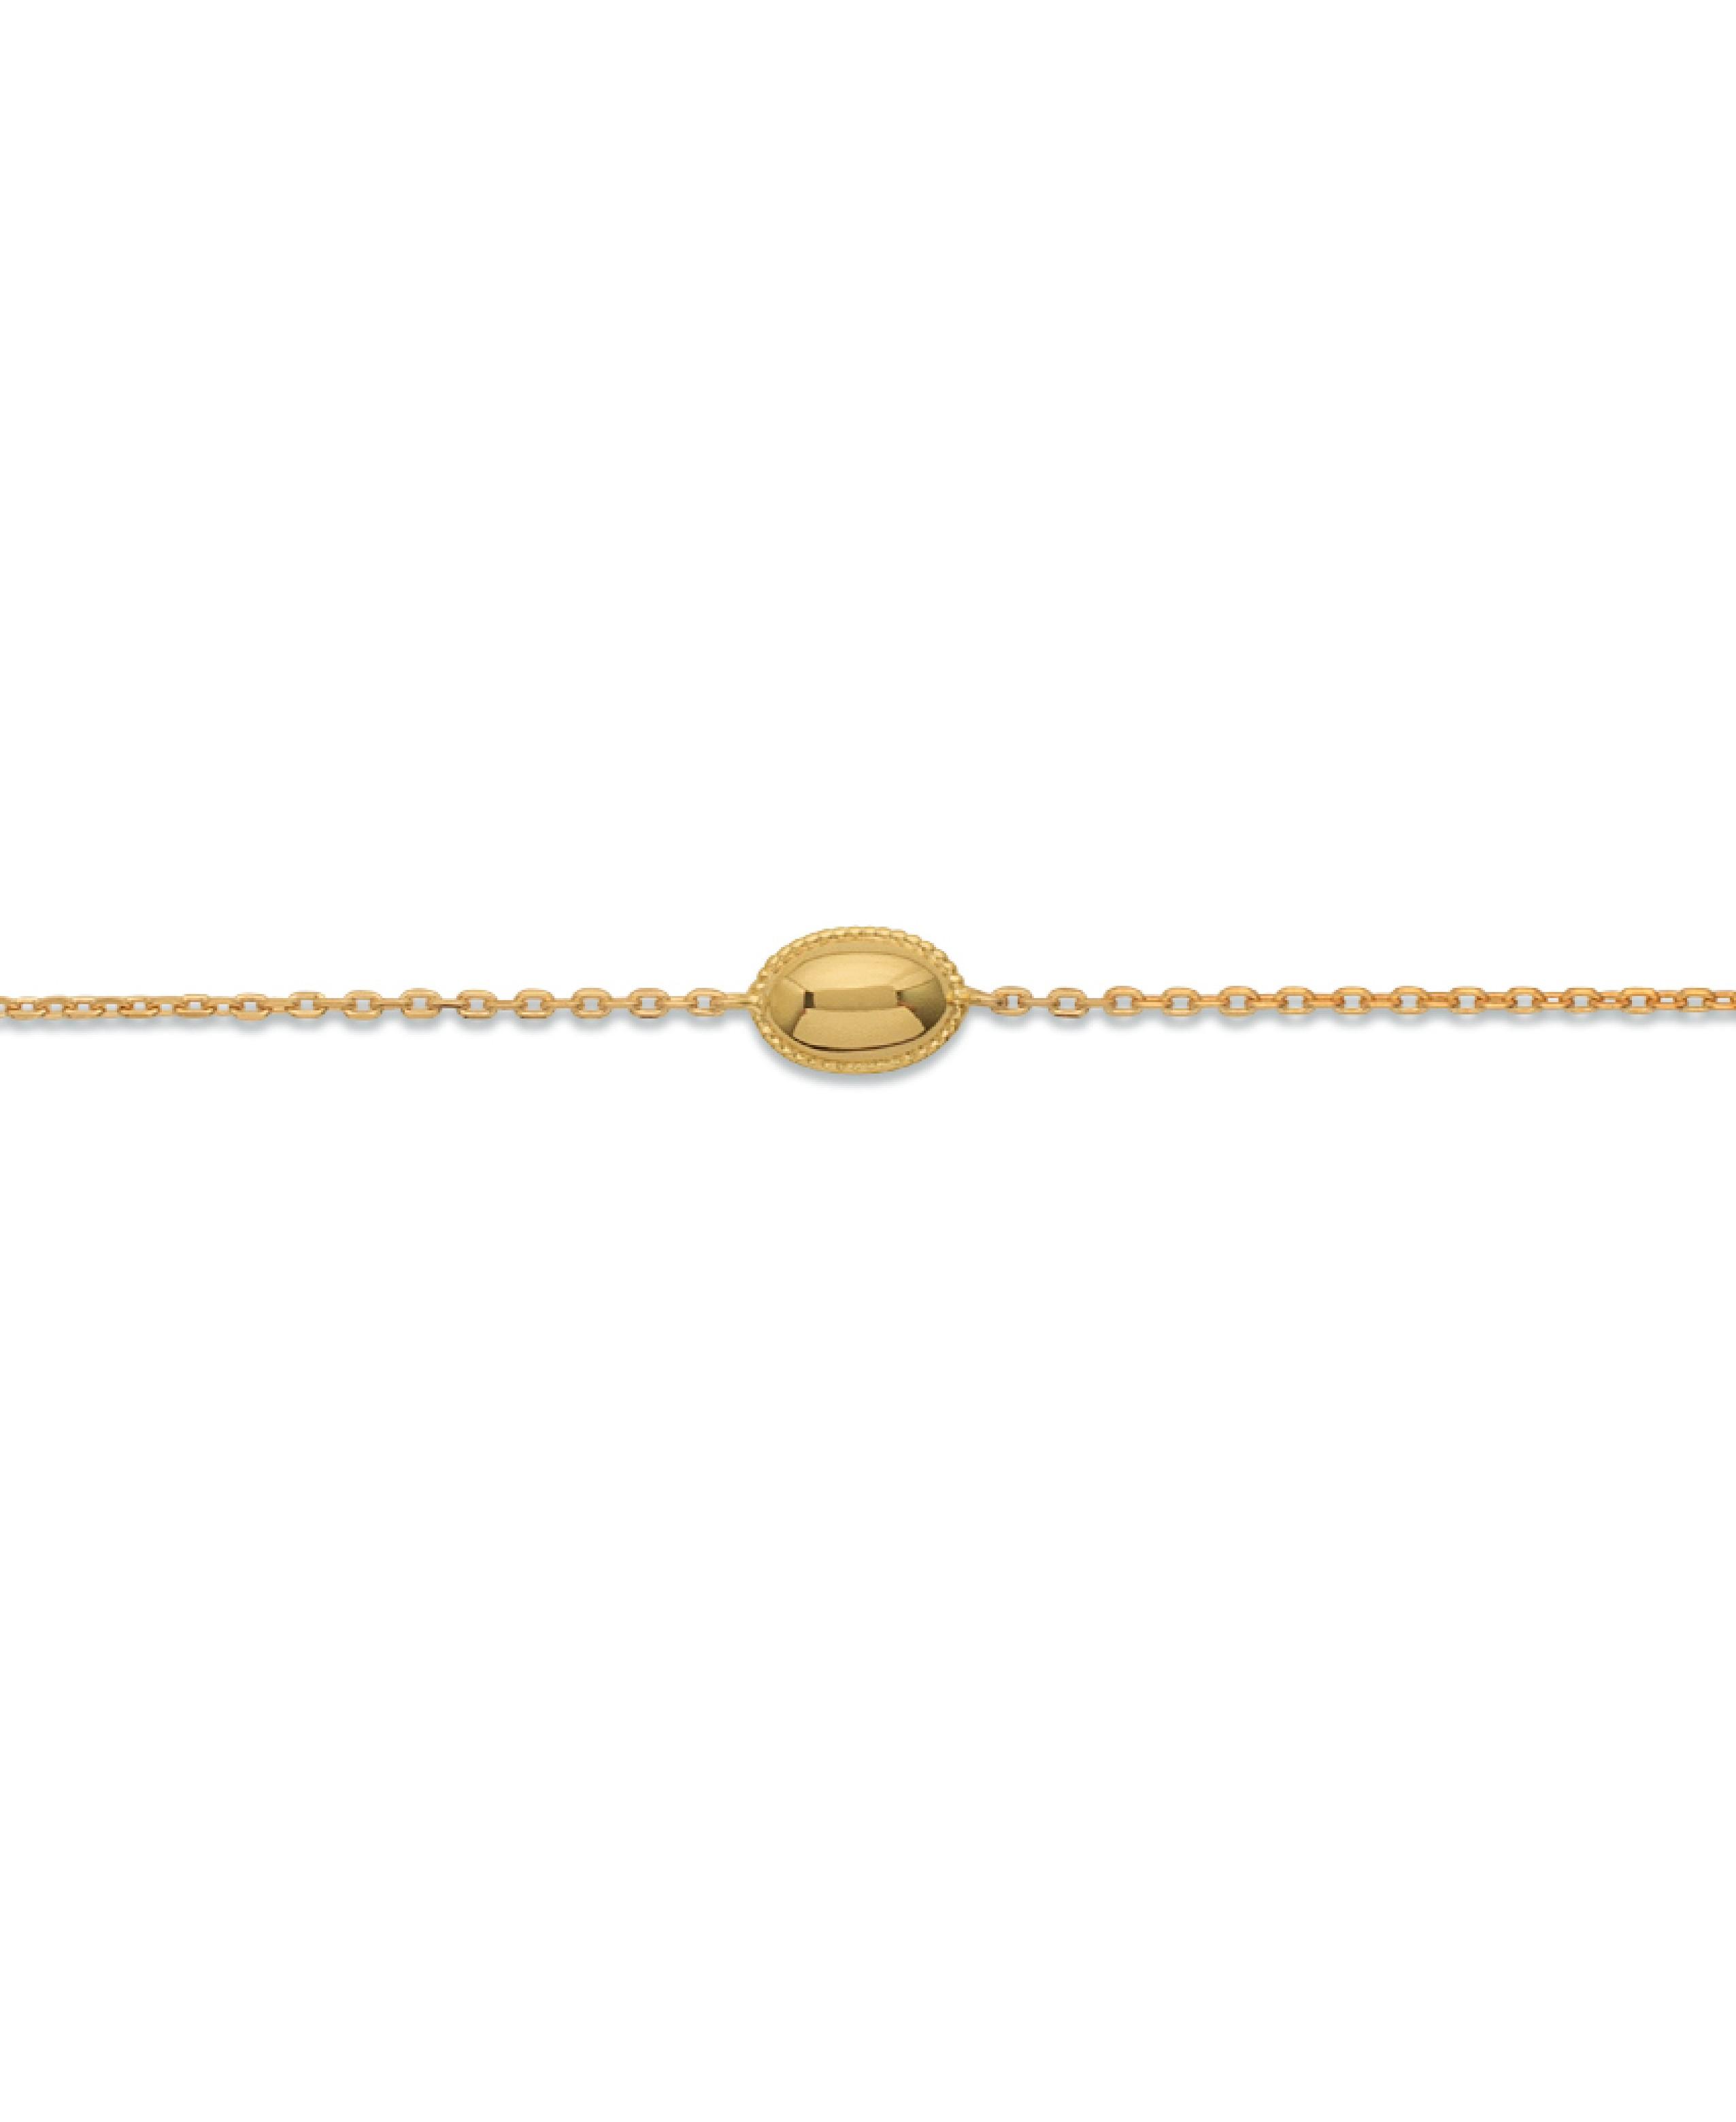 Bracelet Honorine PO